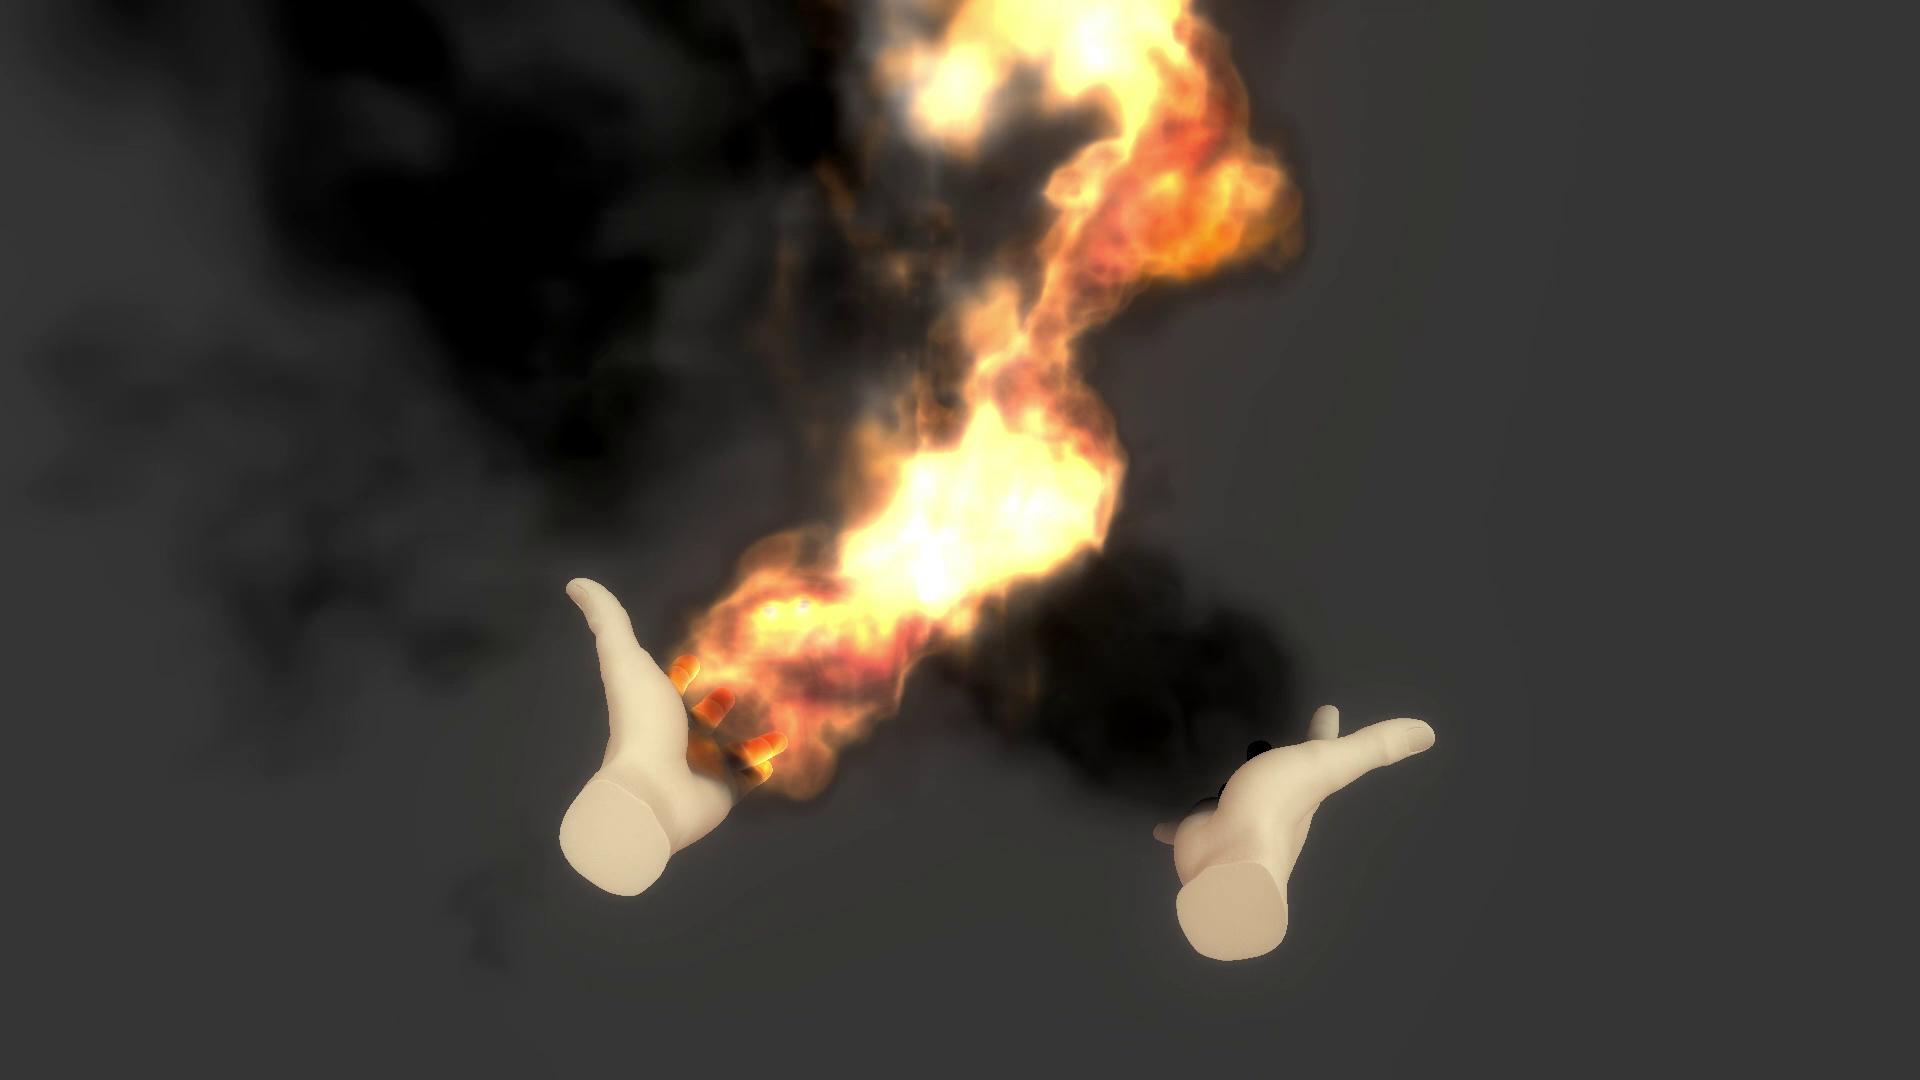 Firehands